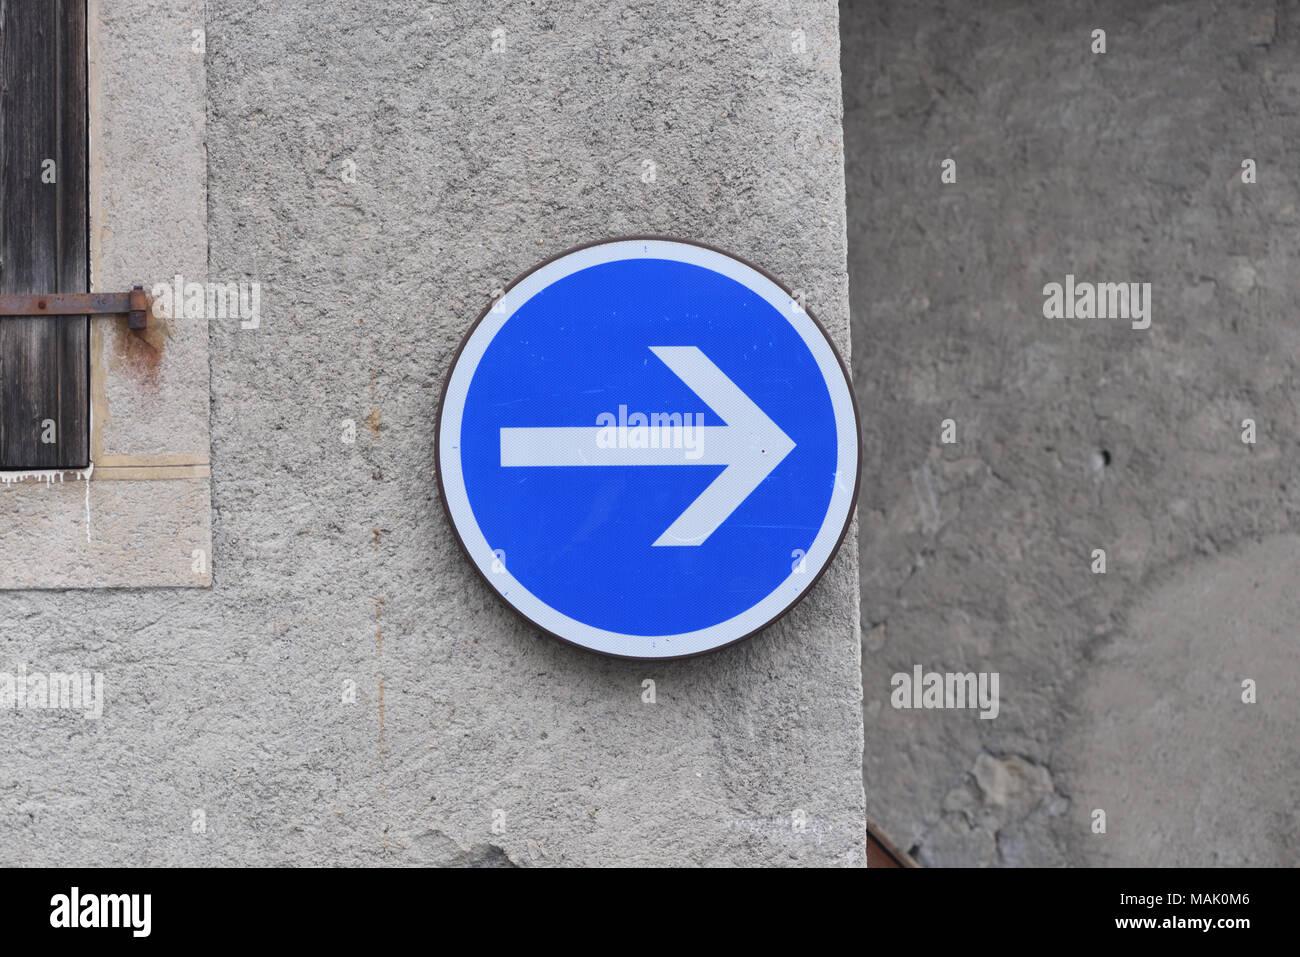 Azul y blanco Dirección de tráfico firmar en la forma de una flecha en un muro de piedra. Samoens, Haute Savoie, Francia. Imagen De Stock